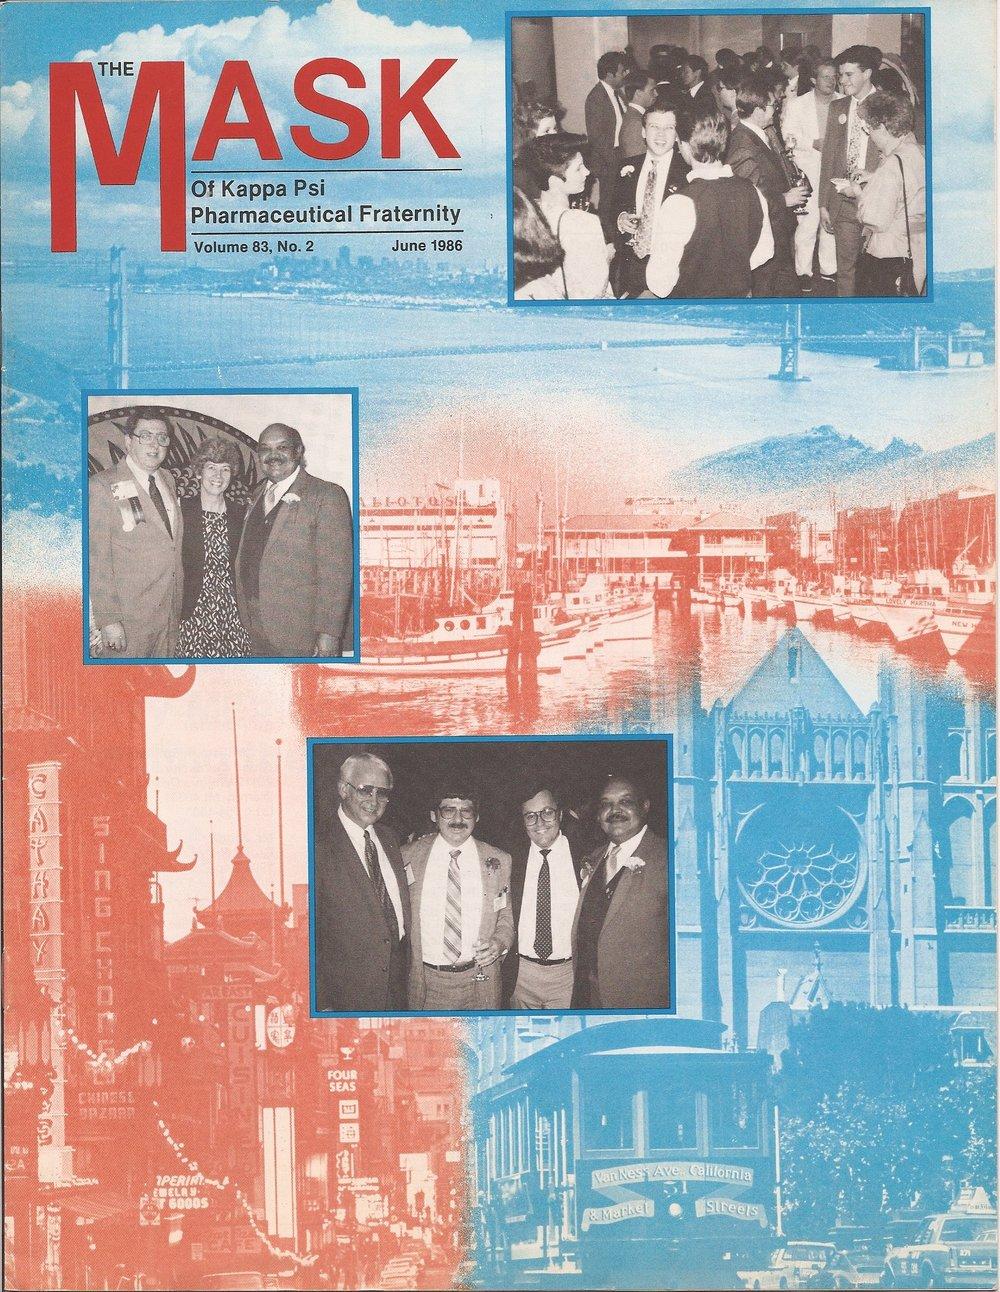 mask_cover_06_1986.jpg